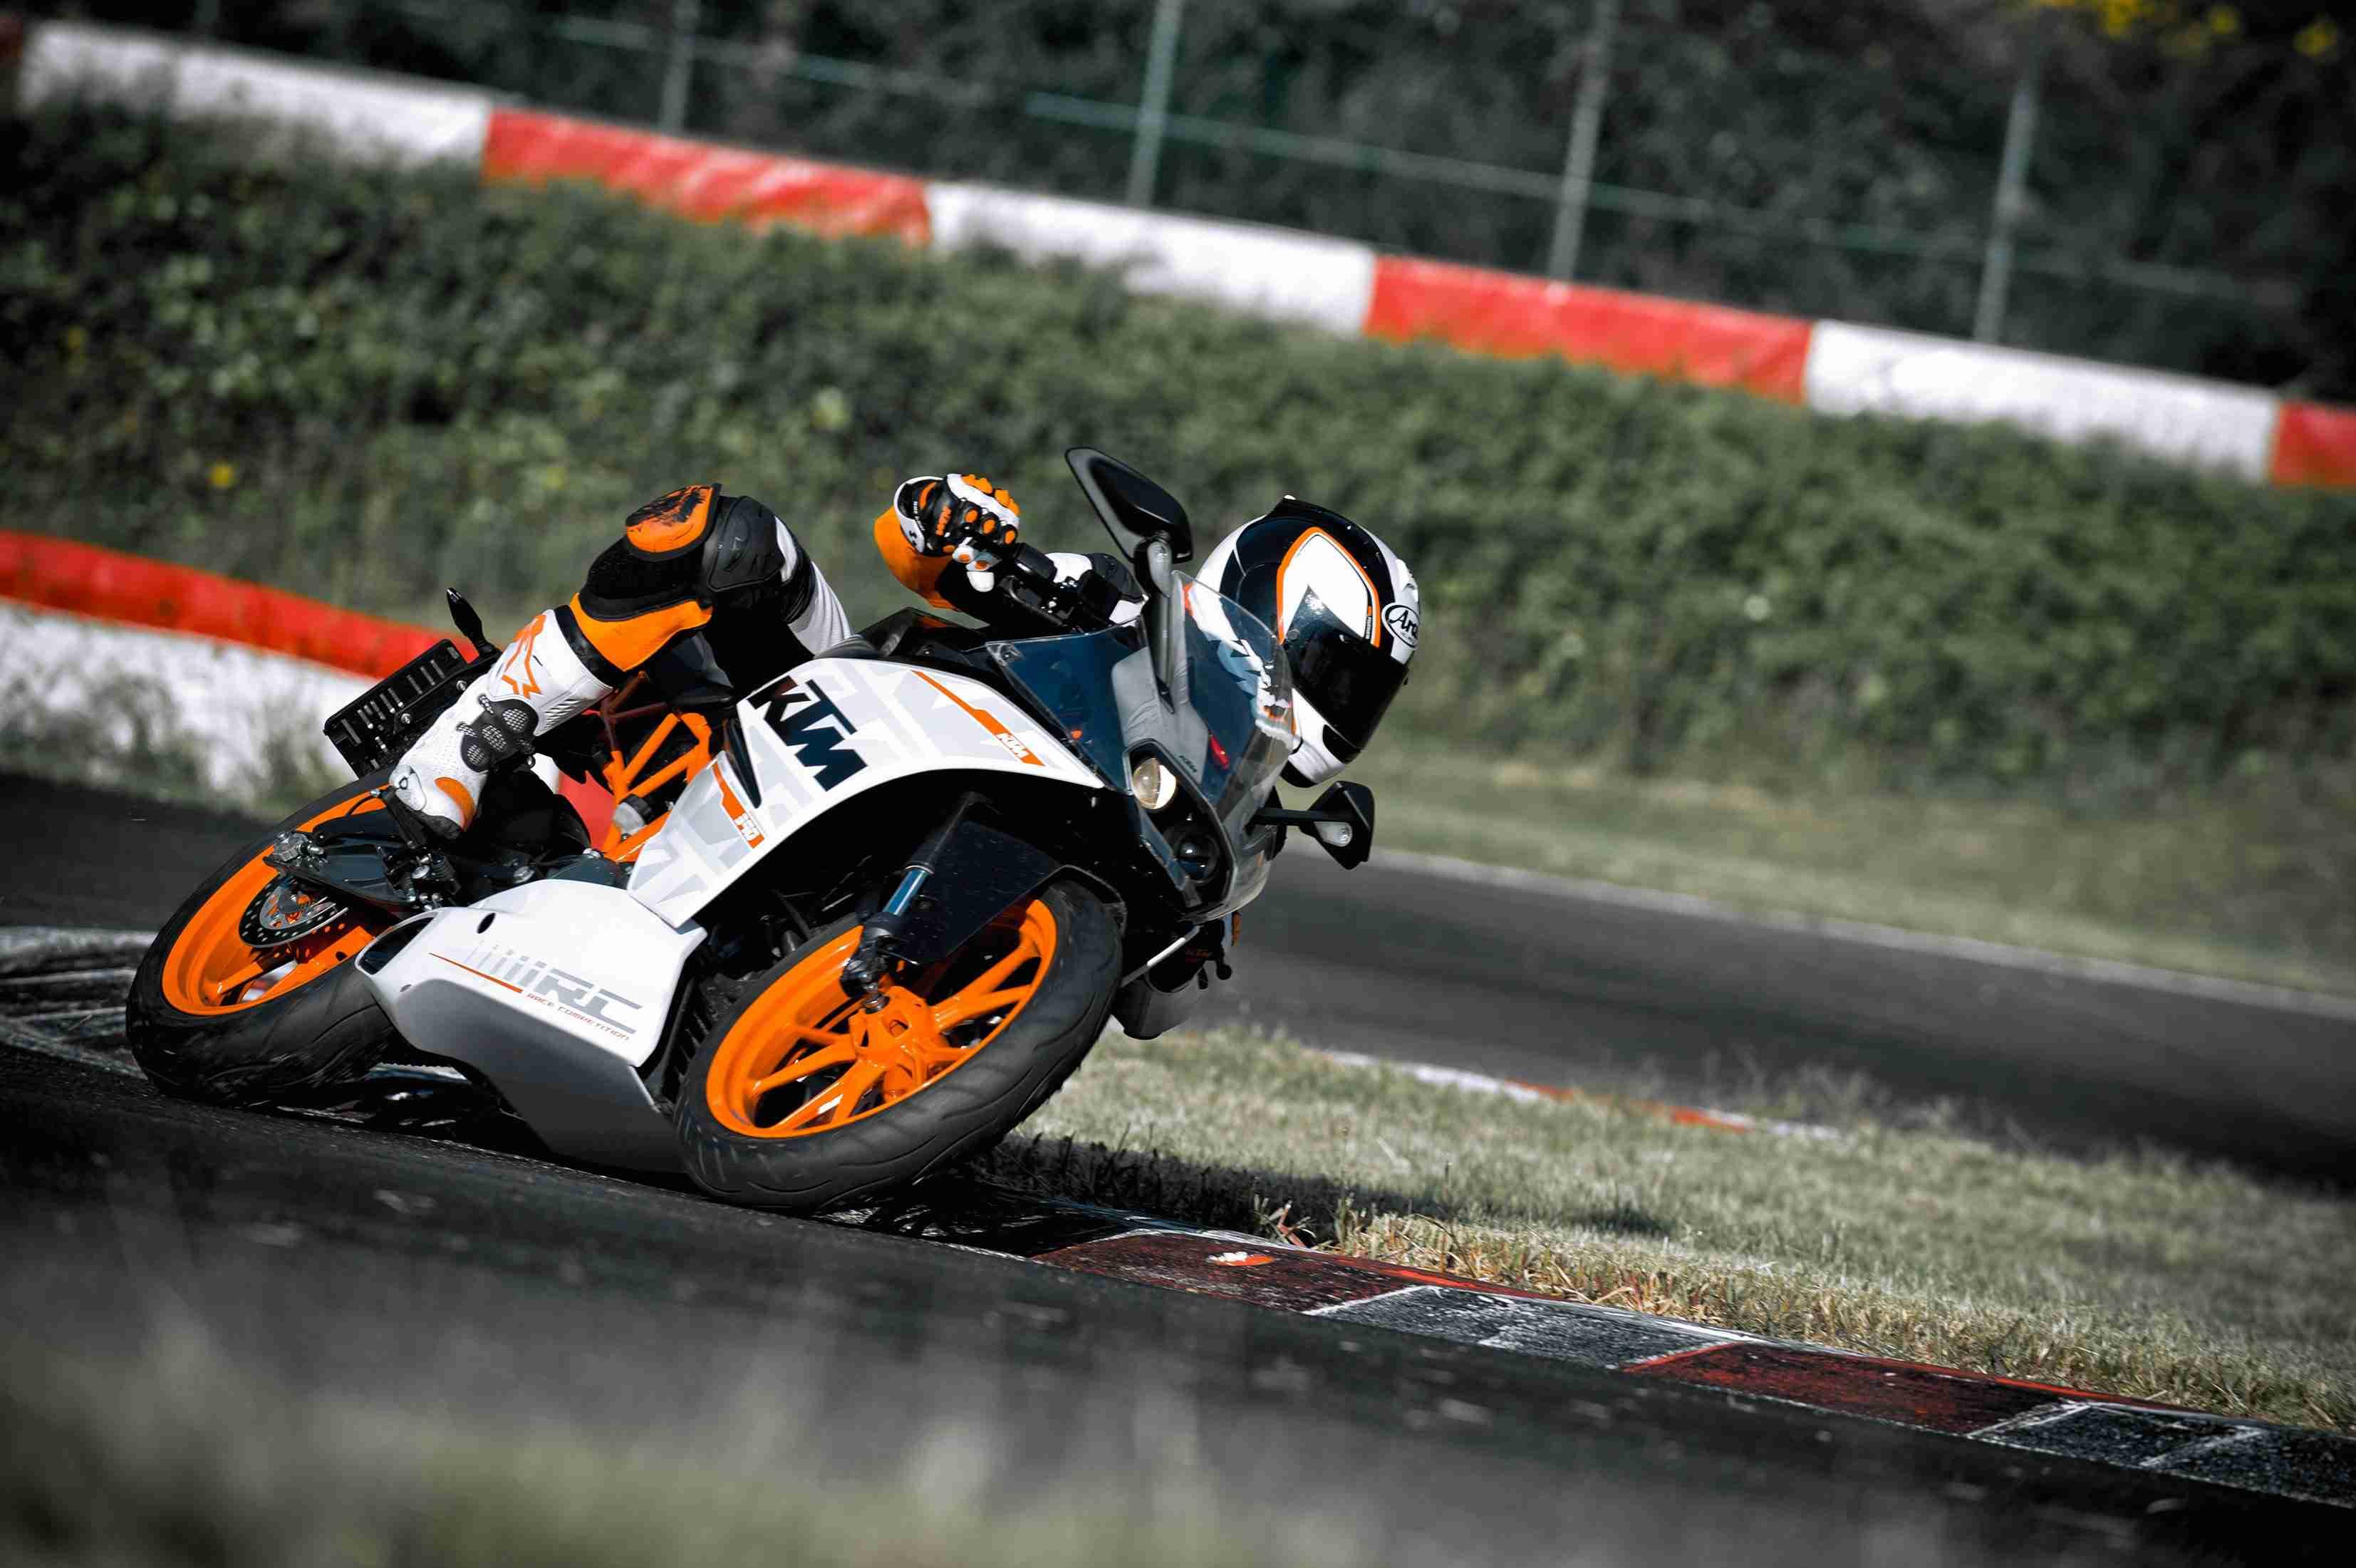 2014 KTM RC390 India - 10